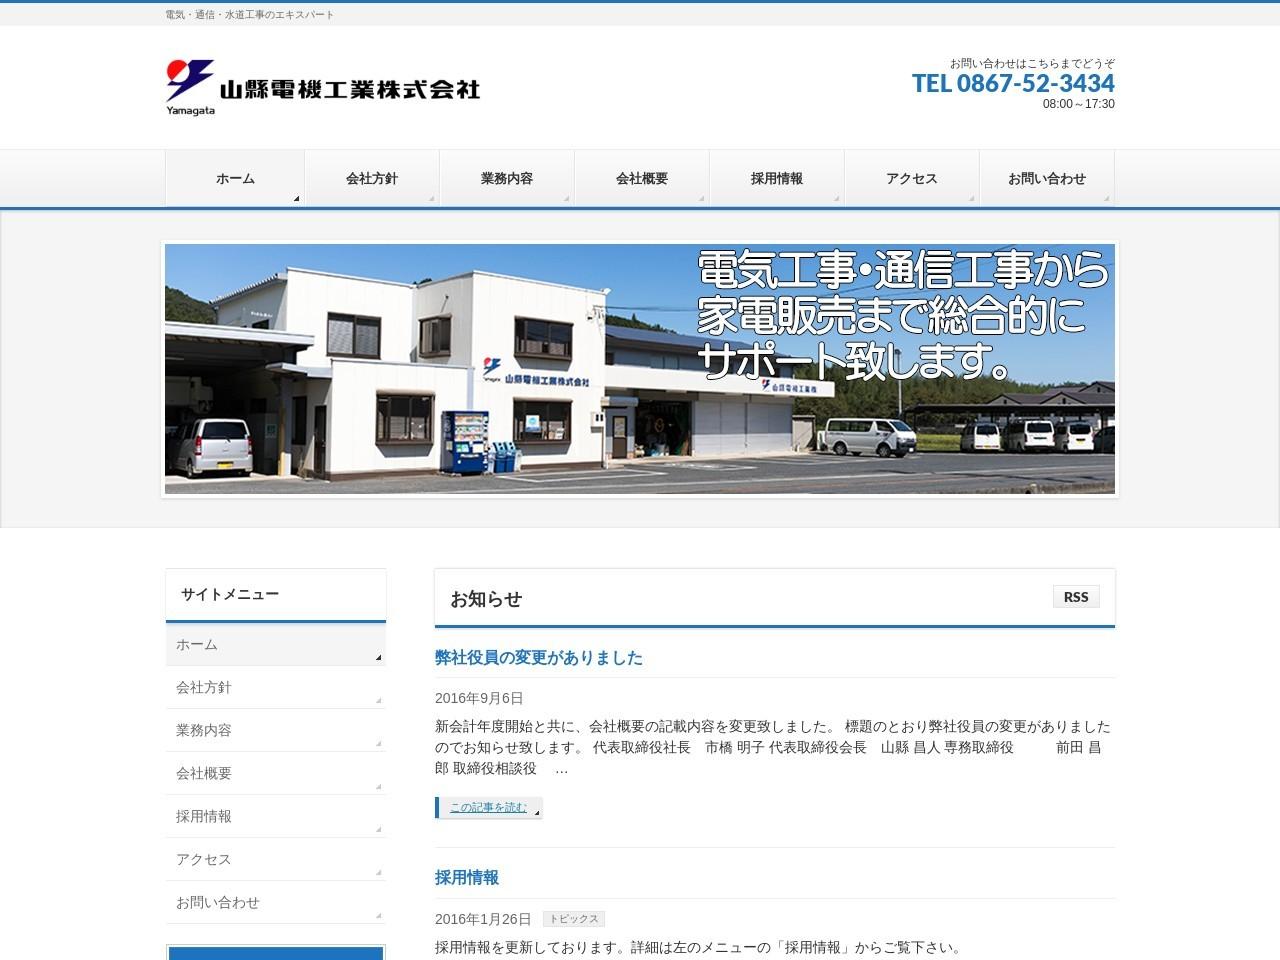 山縣電機工業株式会社